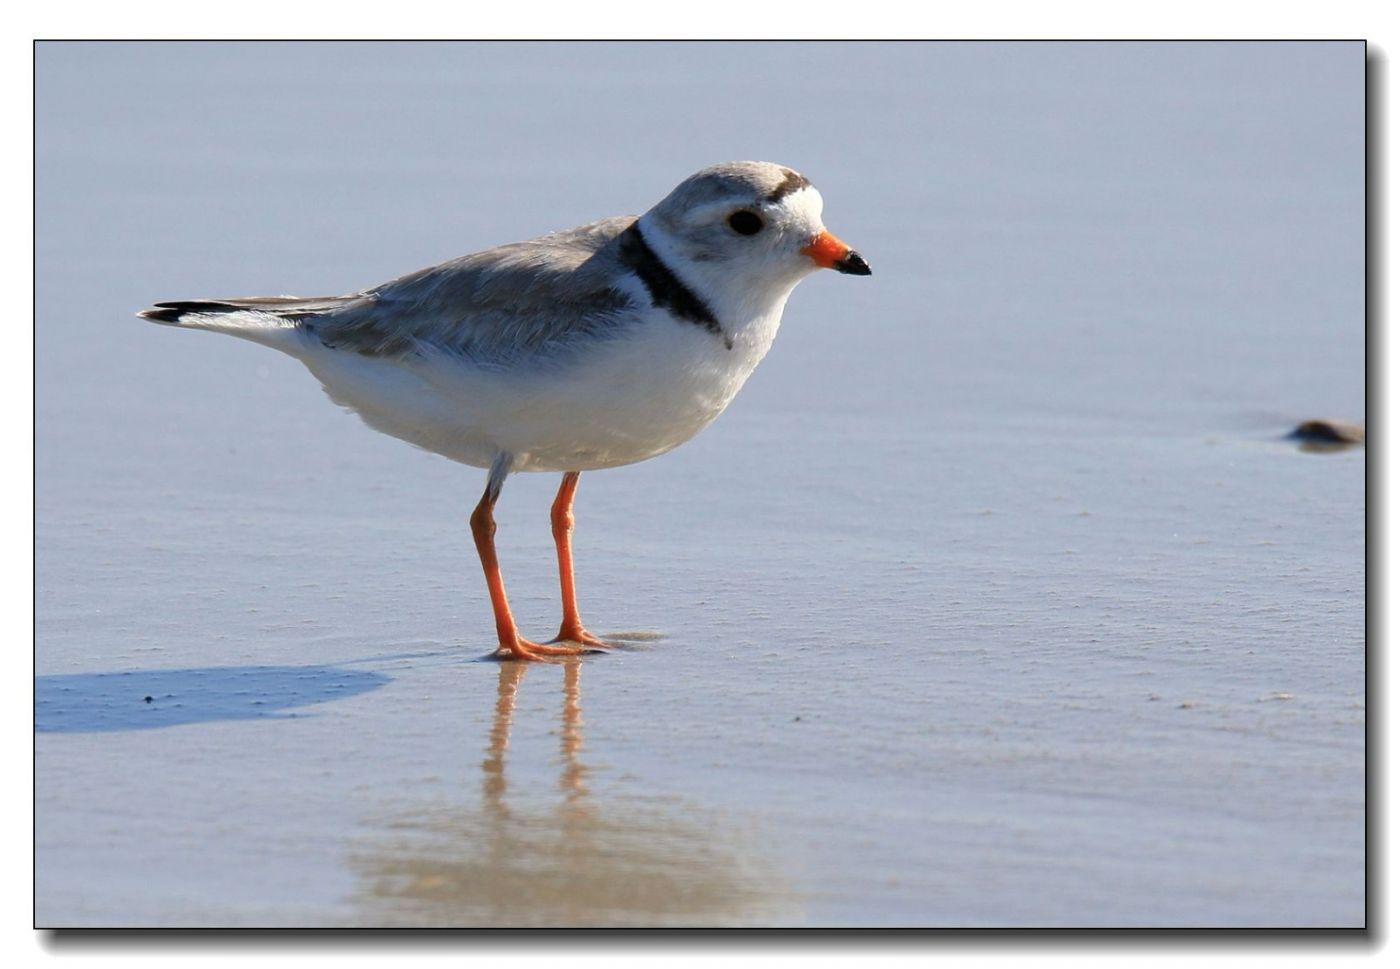 洛克威海滩拍鸟—环颈鸻_图1-7